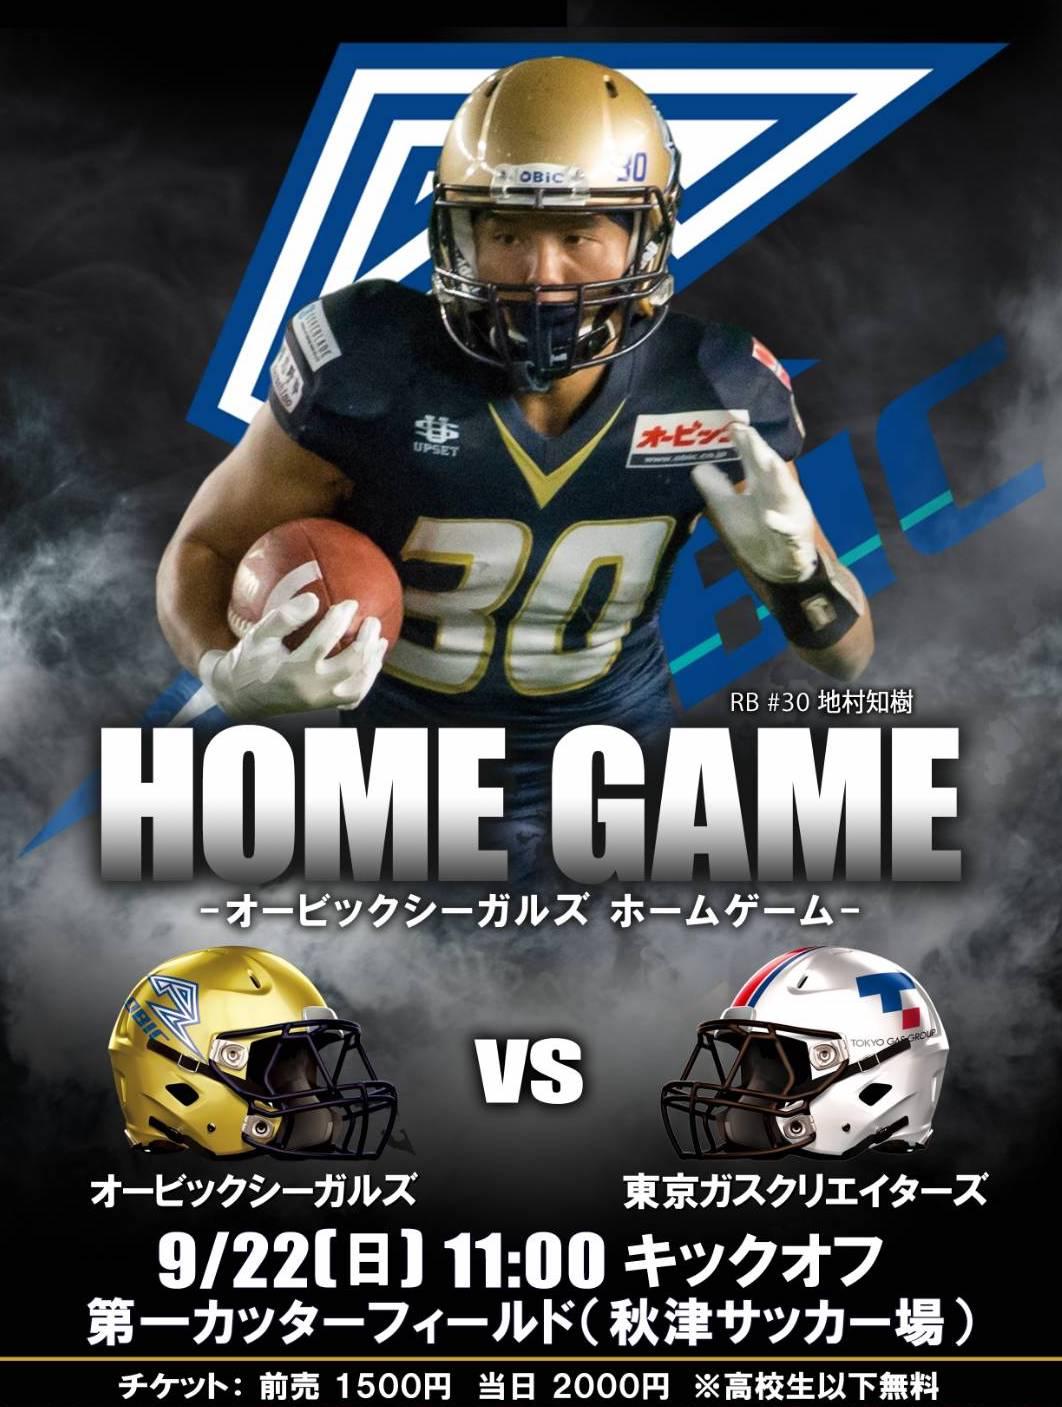 【ホームゲーム】2019 X1 Super 第3節 オービックシーガルズvs東京ガスクリエイターズ